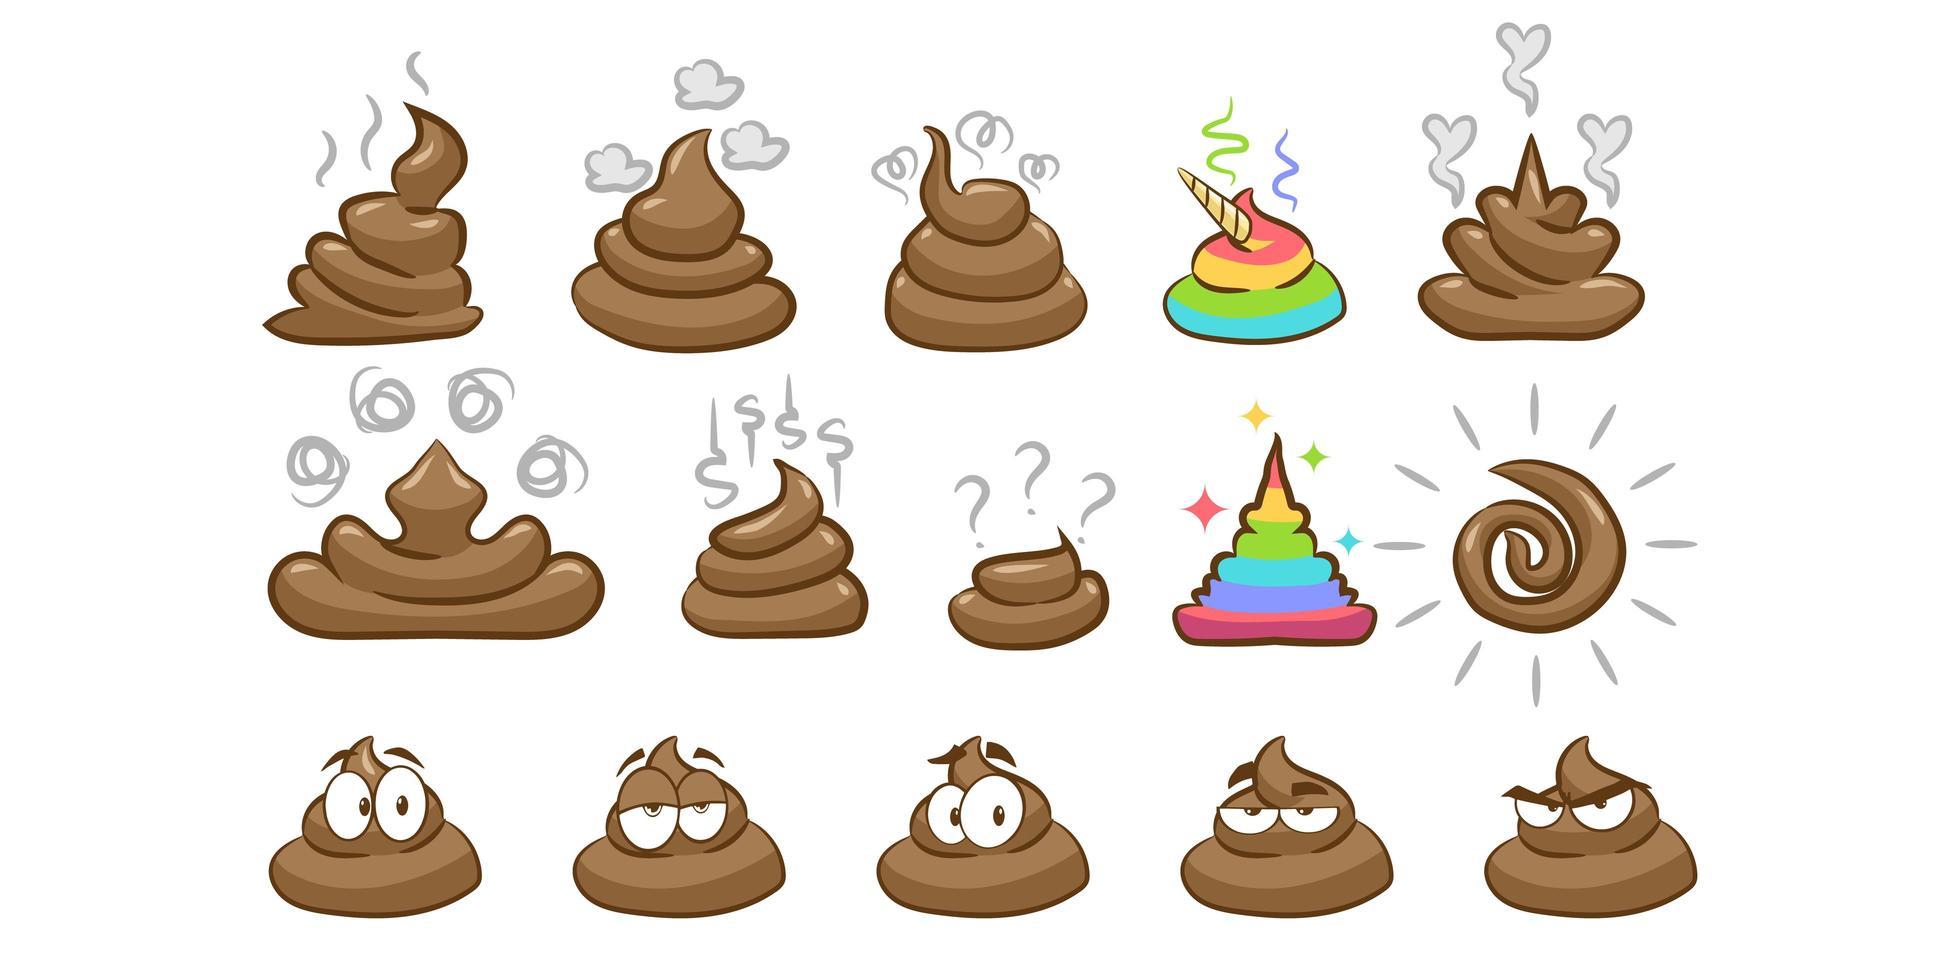 conjunto de emoji de cocô vetor